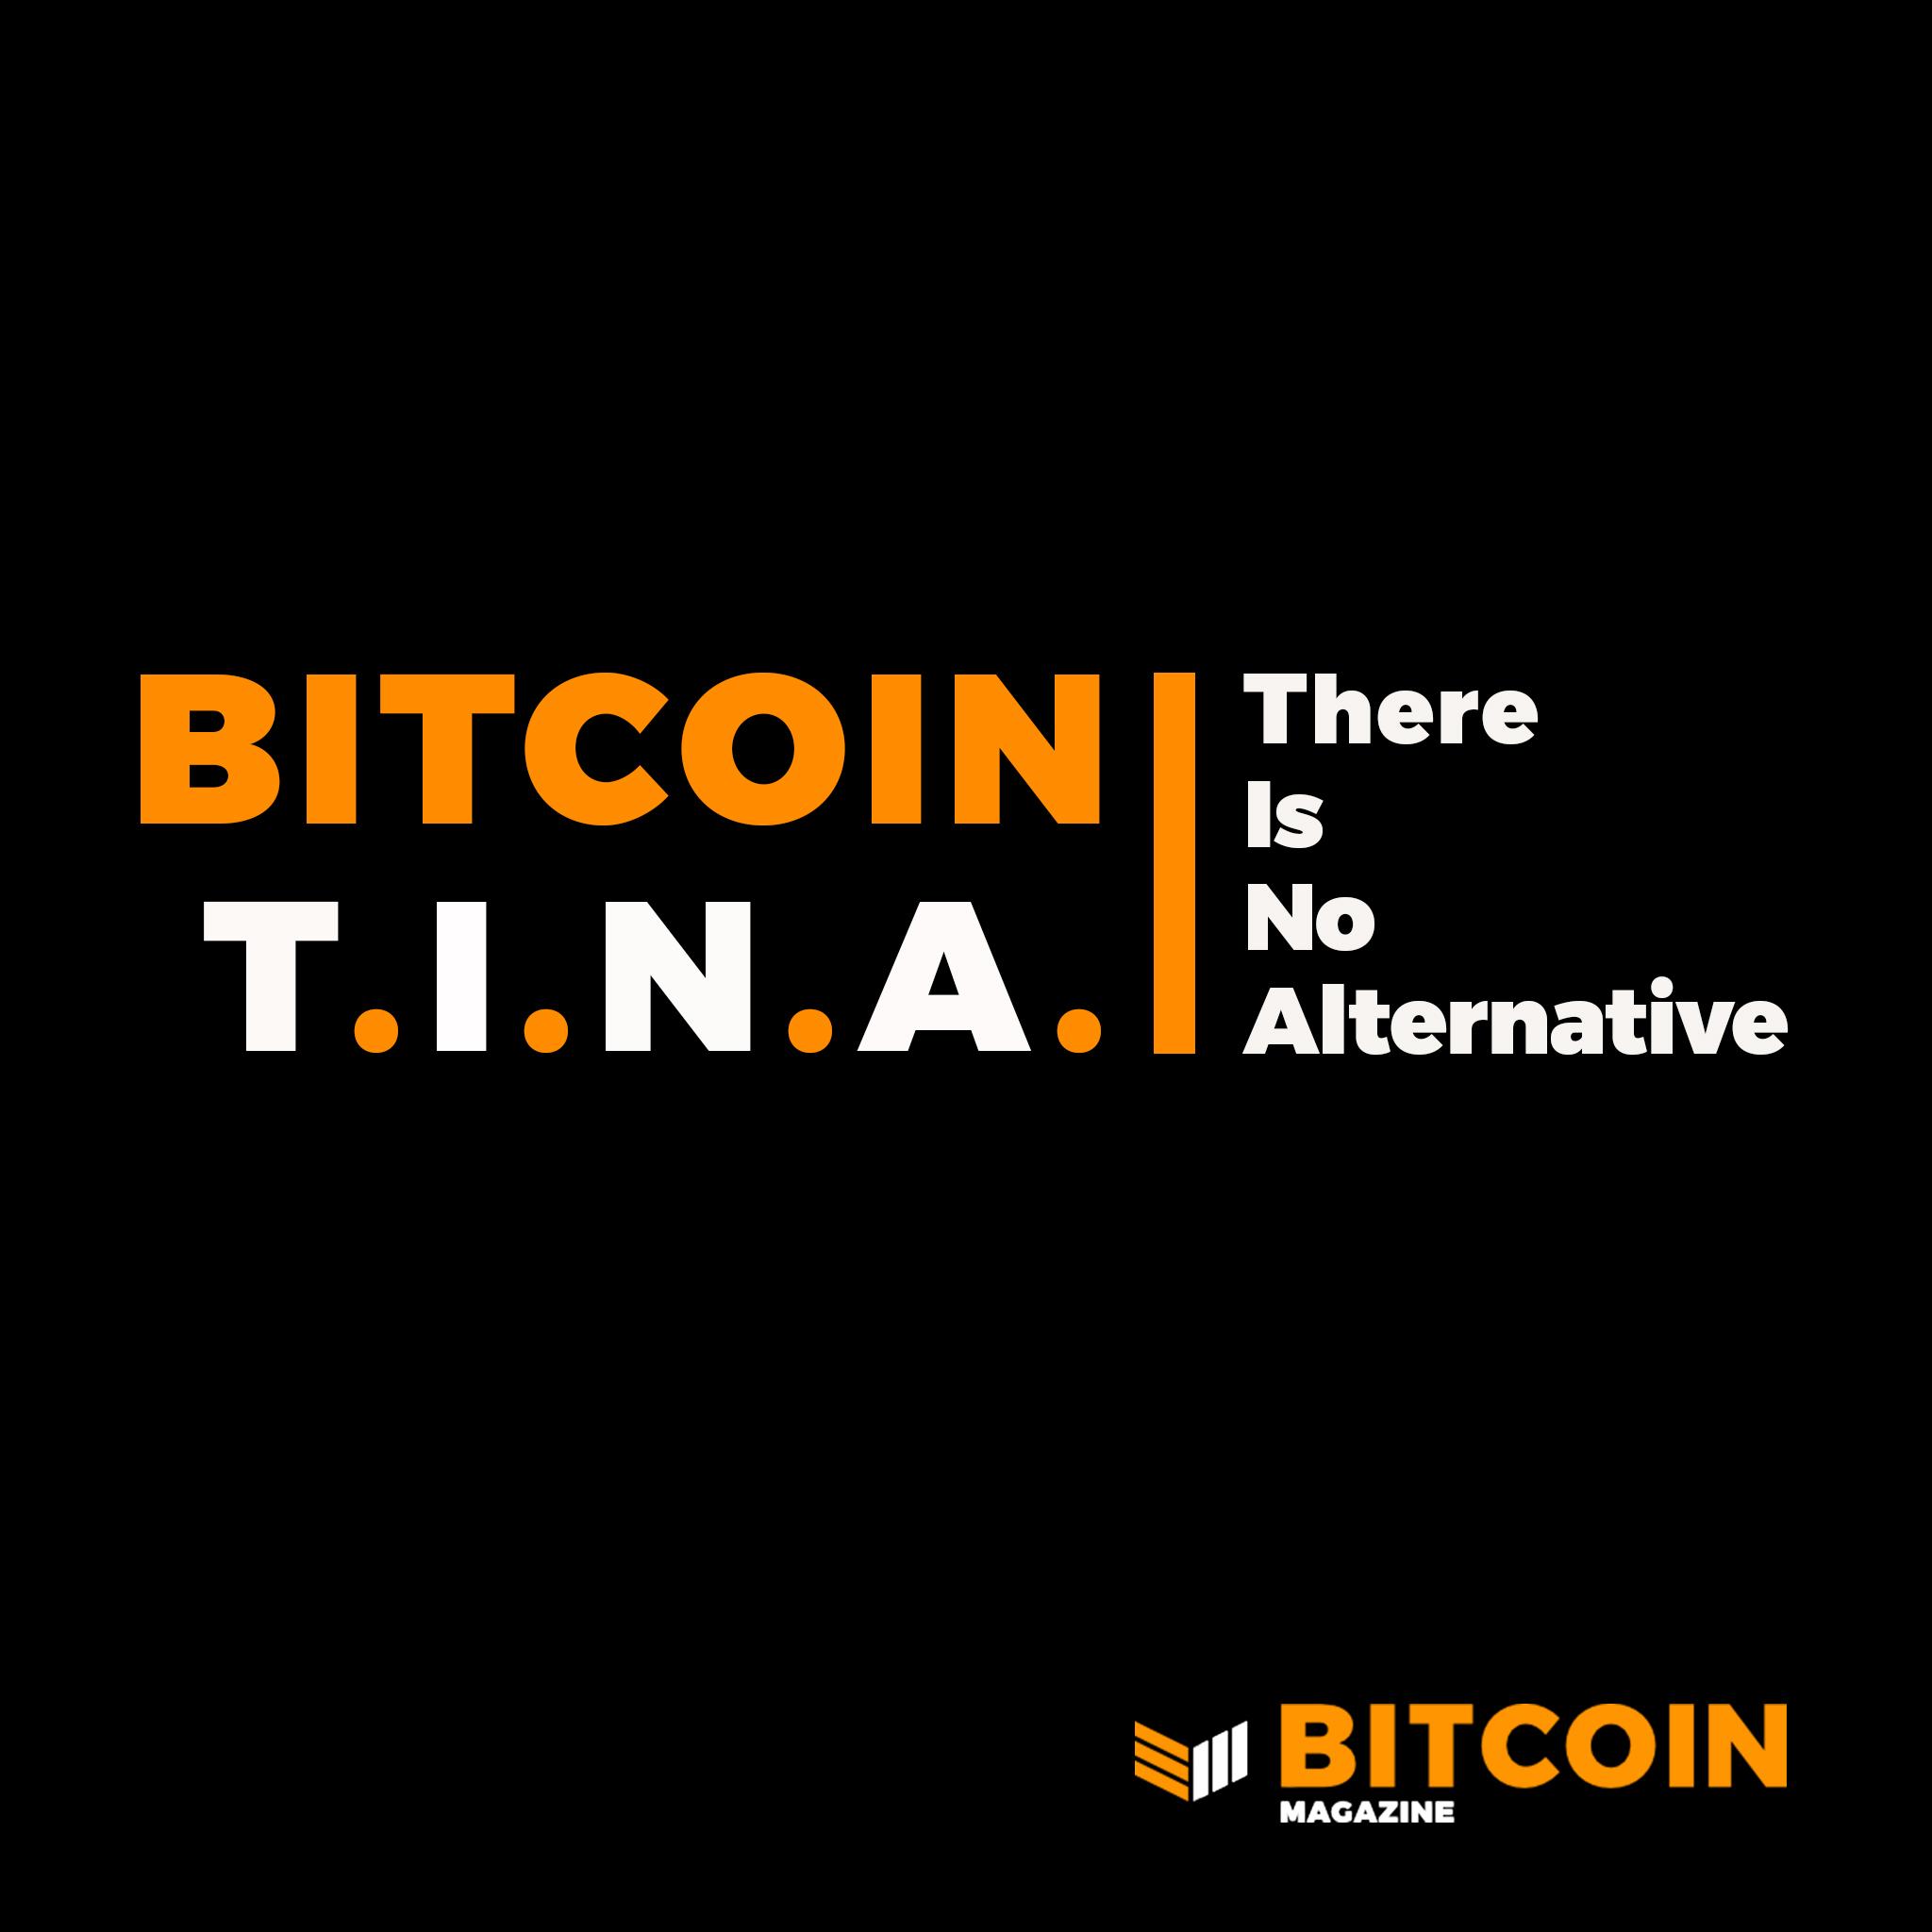 BitcoinTina on Bitcoin - Bitcoin Magazine show art